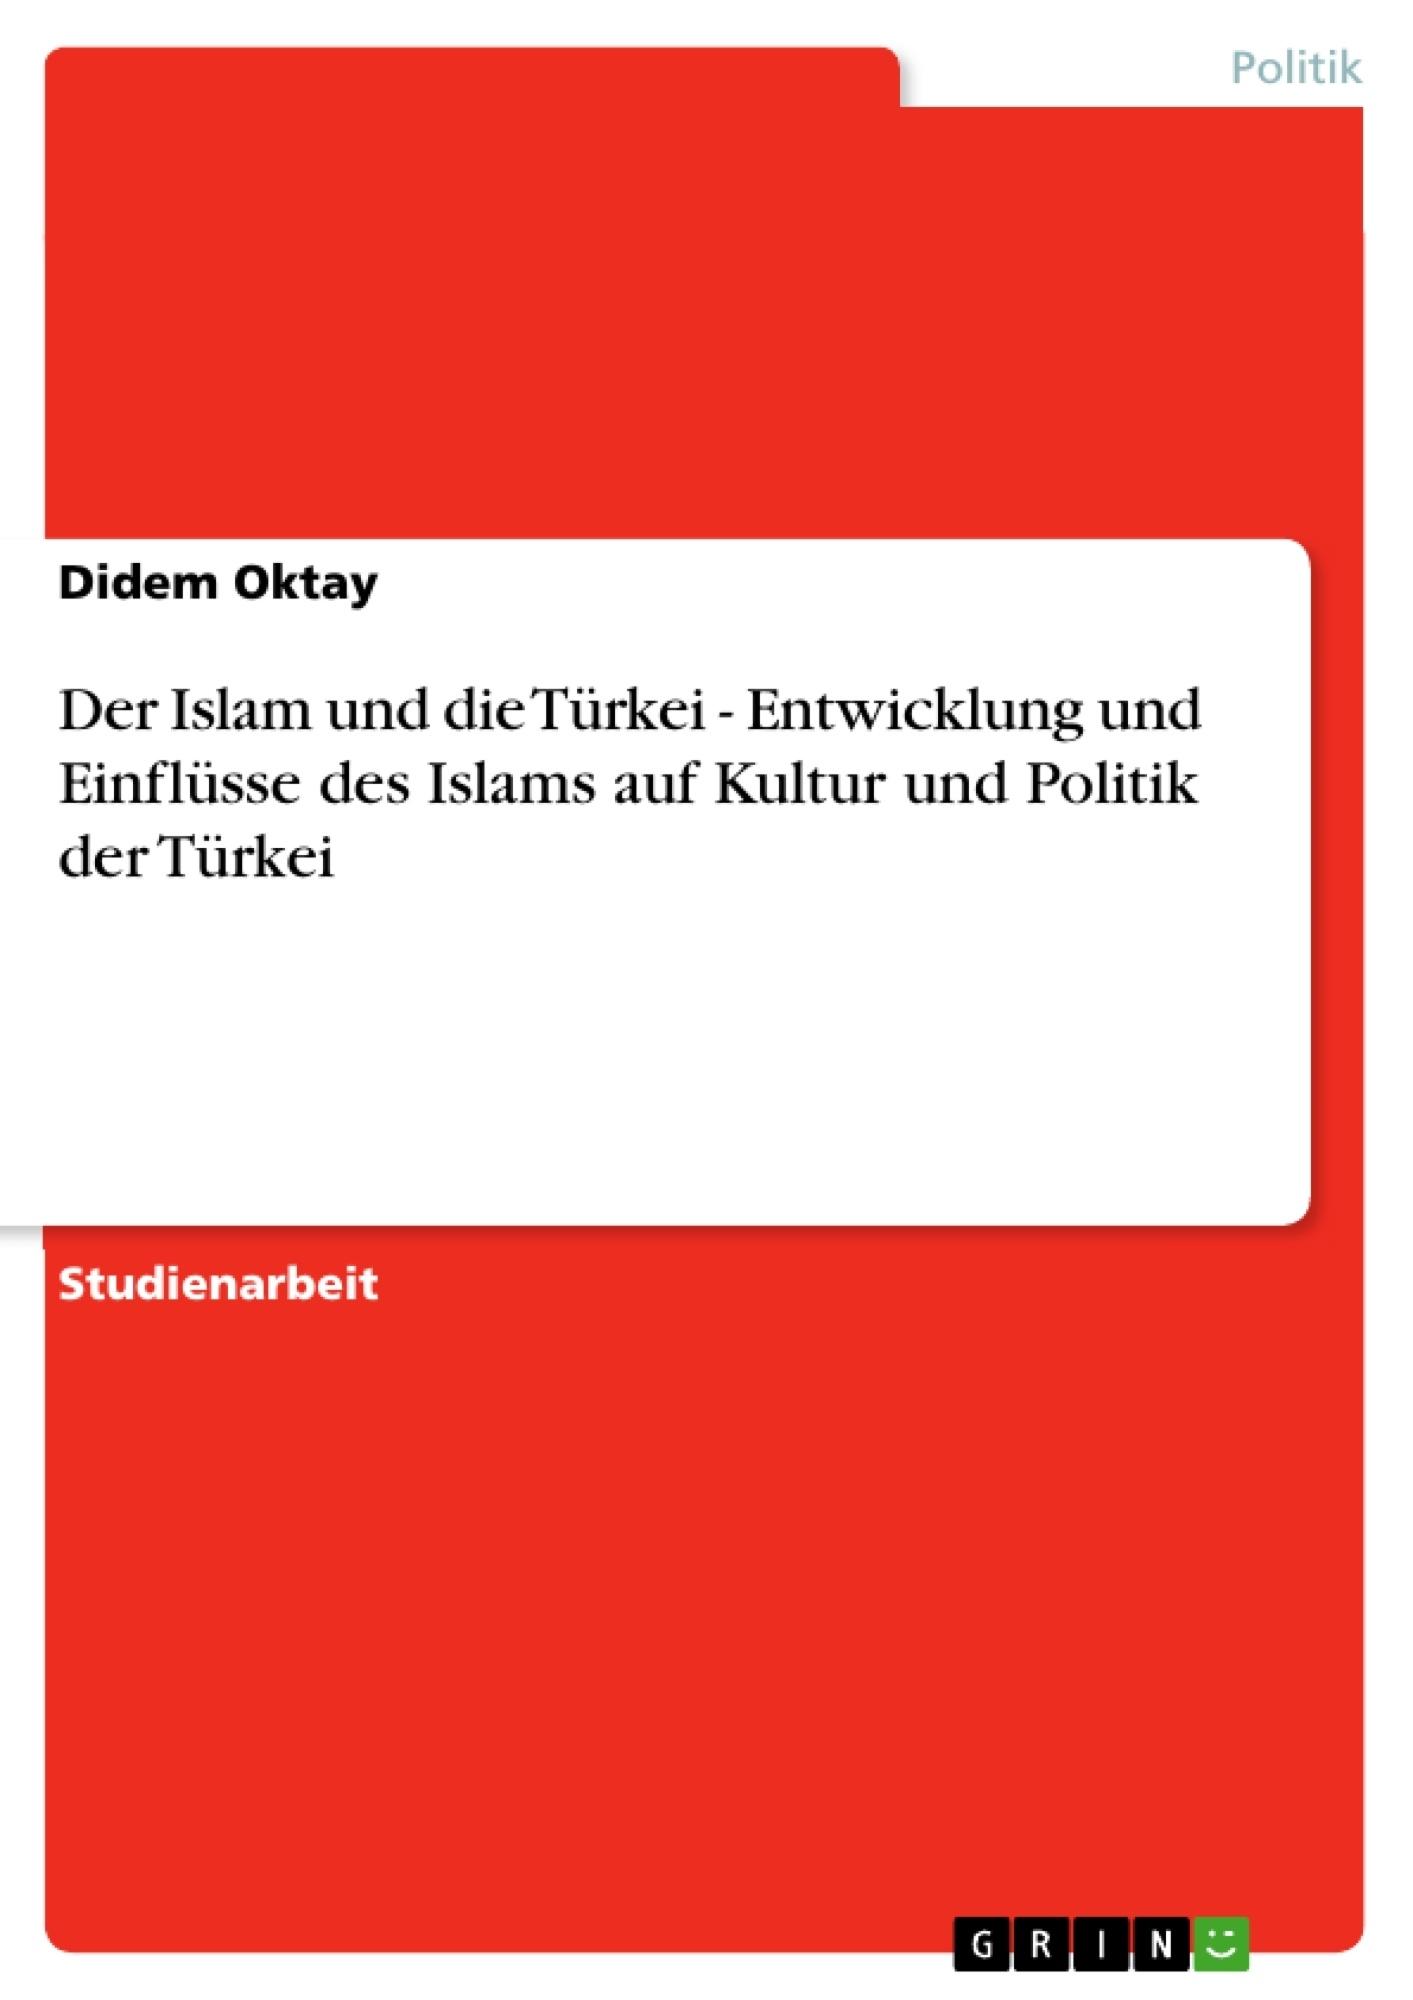 Titel: Der Islam und die Türkei - Entwicklung und Einflüsse des Islams auf Kultur und Politik der Türkei